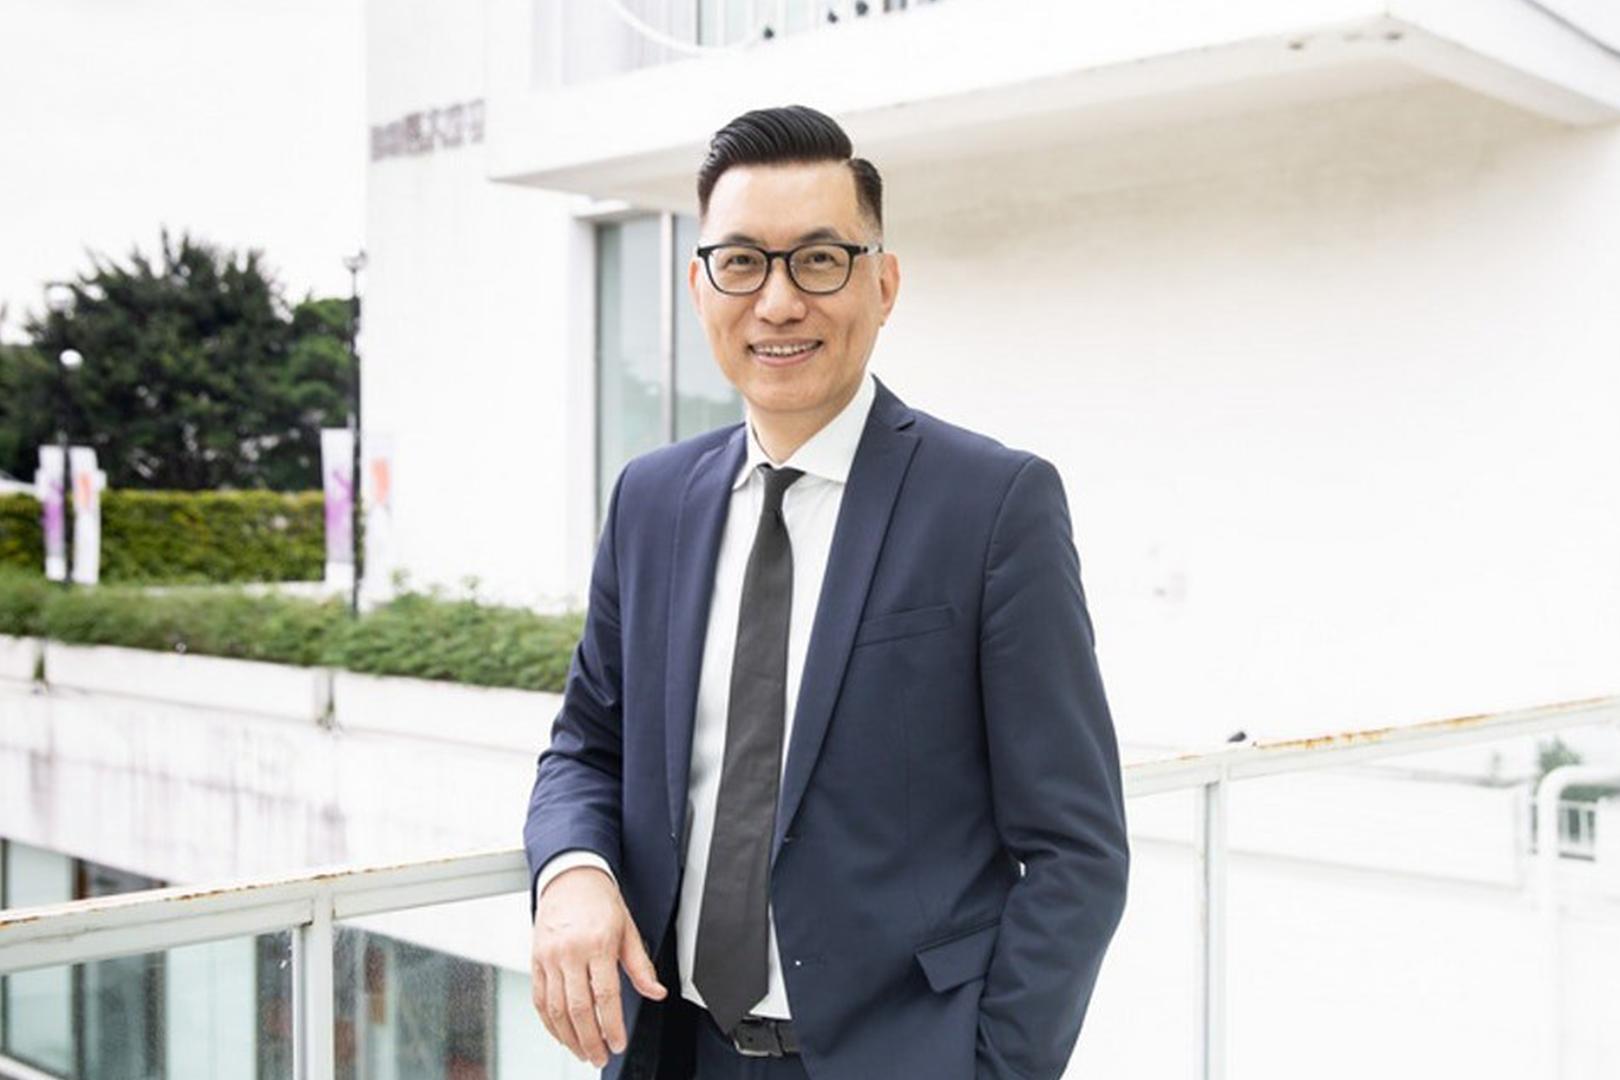 【關鍵專訪】北美館館長王俊傑:觀眾不是笨蛋,商業特展越趨通俗,美術館的角色就越重要